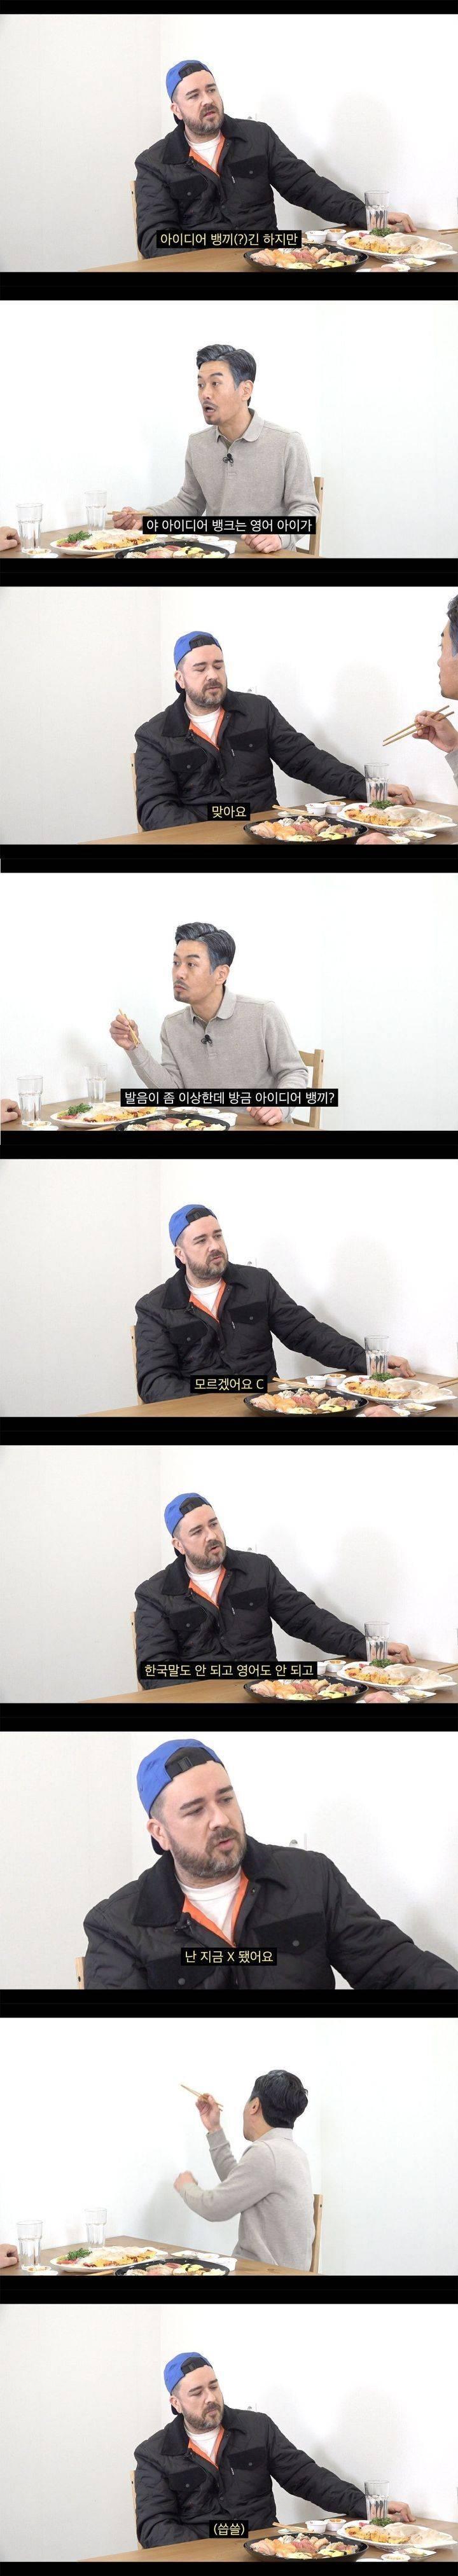 한국에 너무 오래 산 외국인들이 겪는 어려움.jpg | 인스티즈